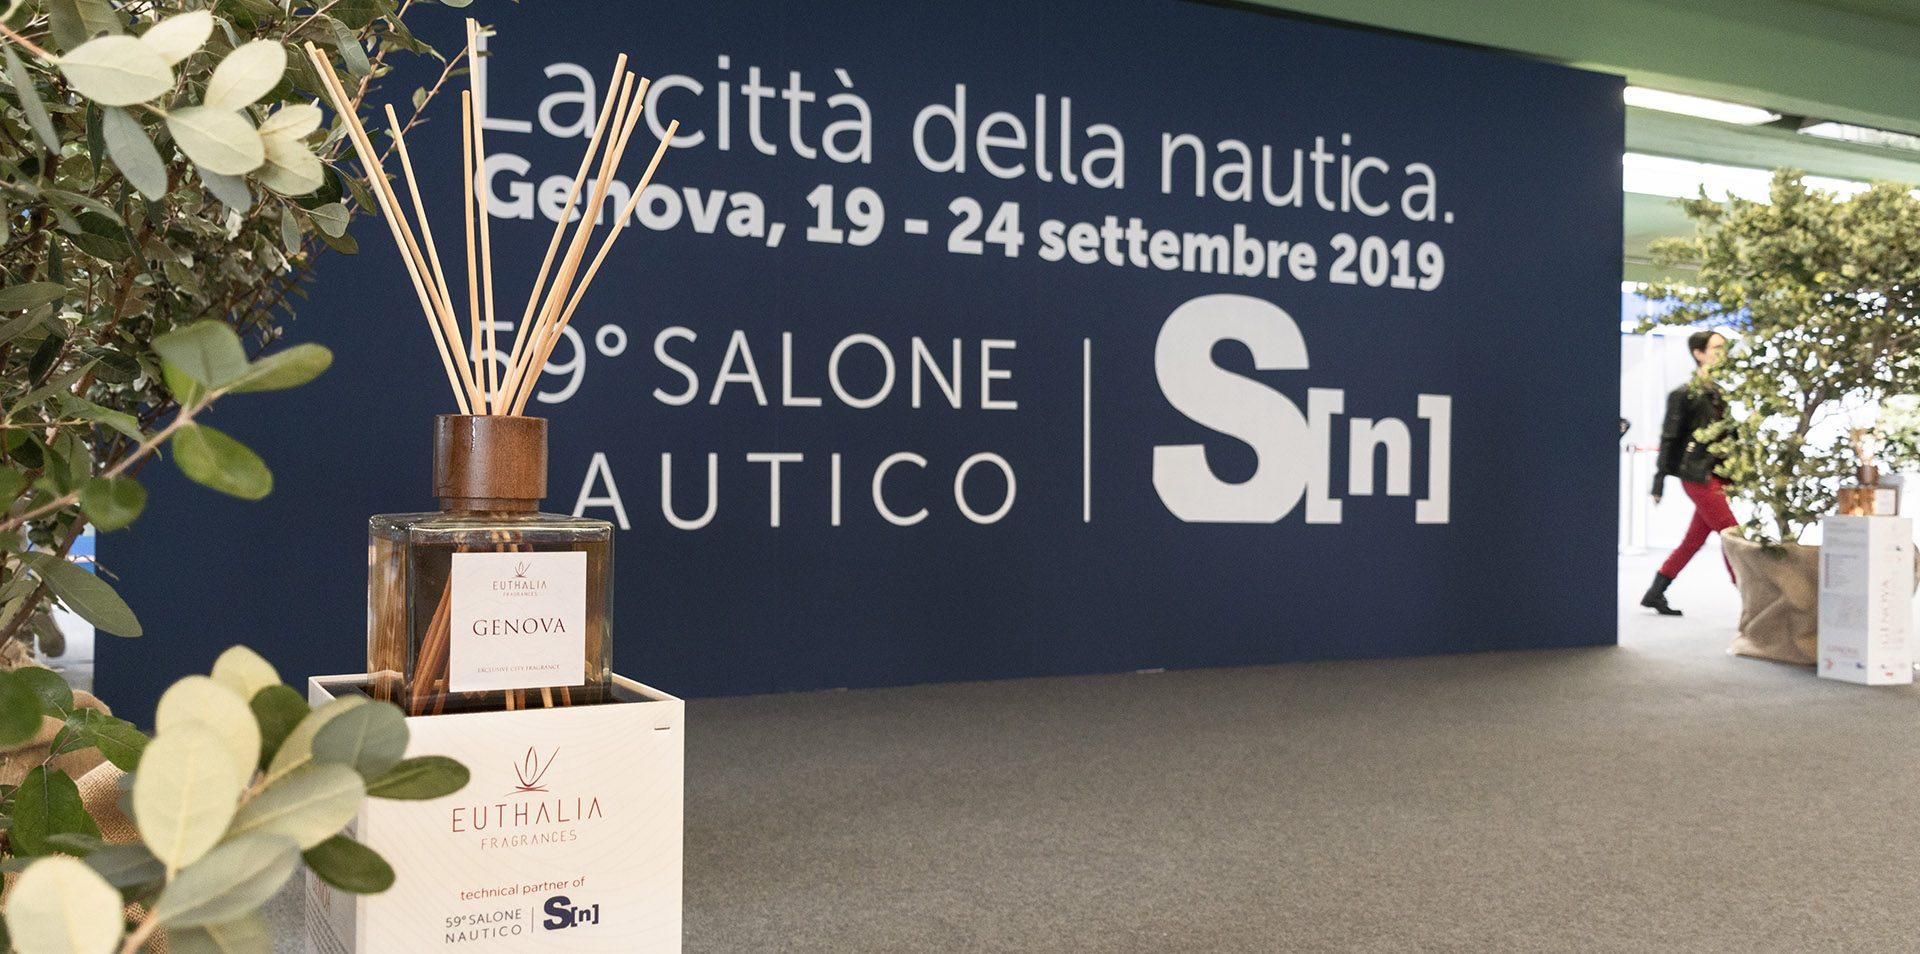 Immagine entrata Diffusori Ambiente al Salone Nautico di Genova